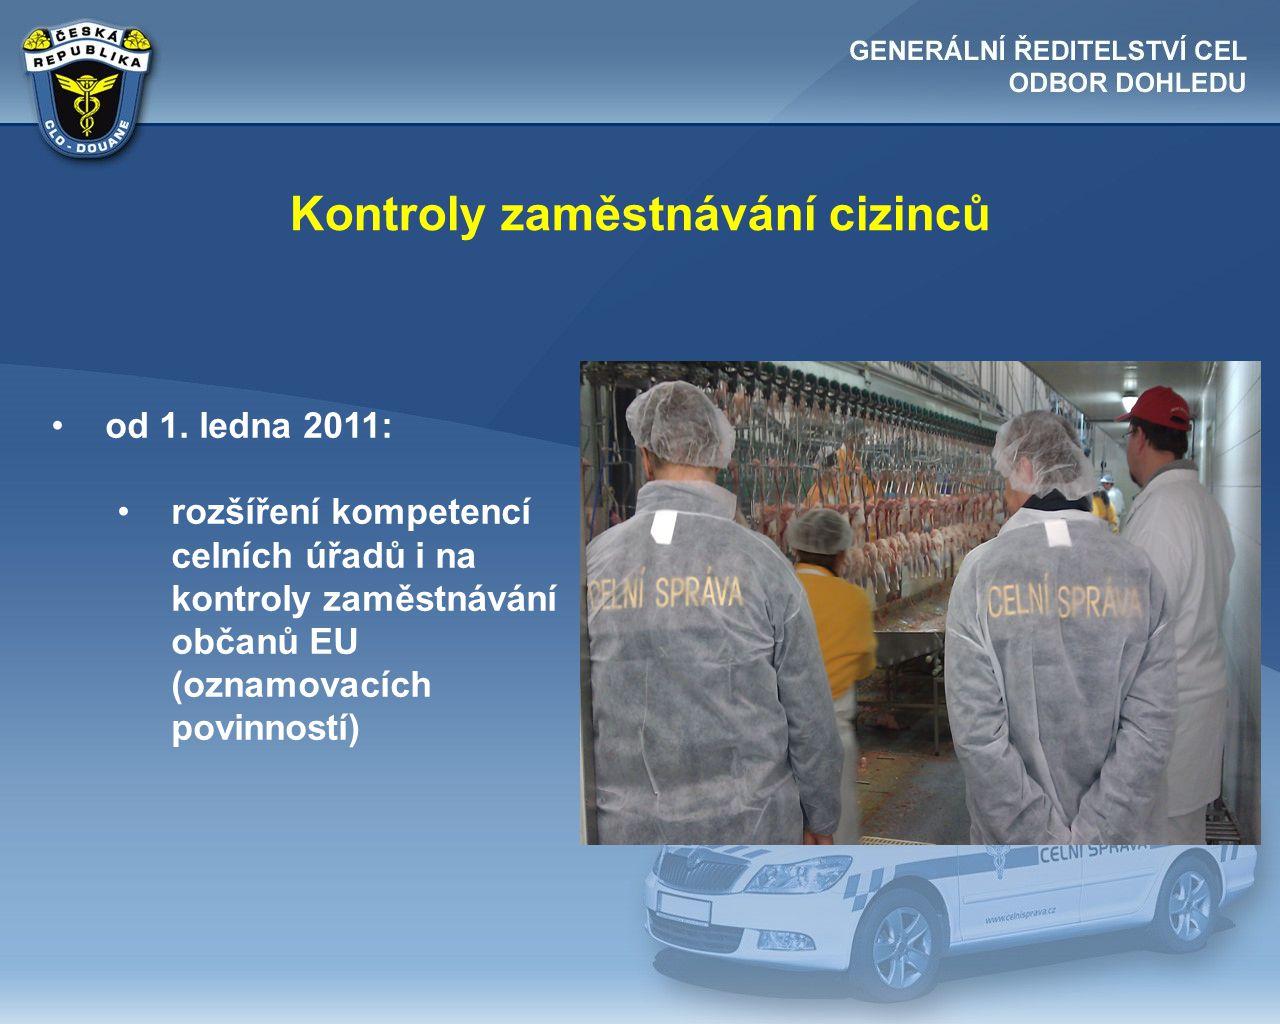 Kontroly zaměstnávání cizinců •od 1. ledna 2011: •rozšíření kompetencí celních úřadů i na kontroly zaměstnávání občanů EU (oznamovacích povinností)